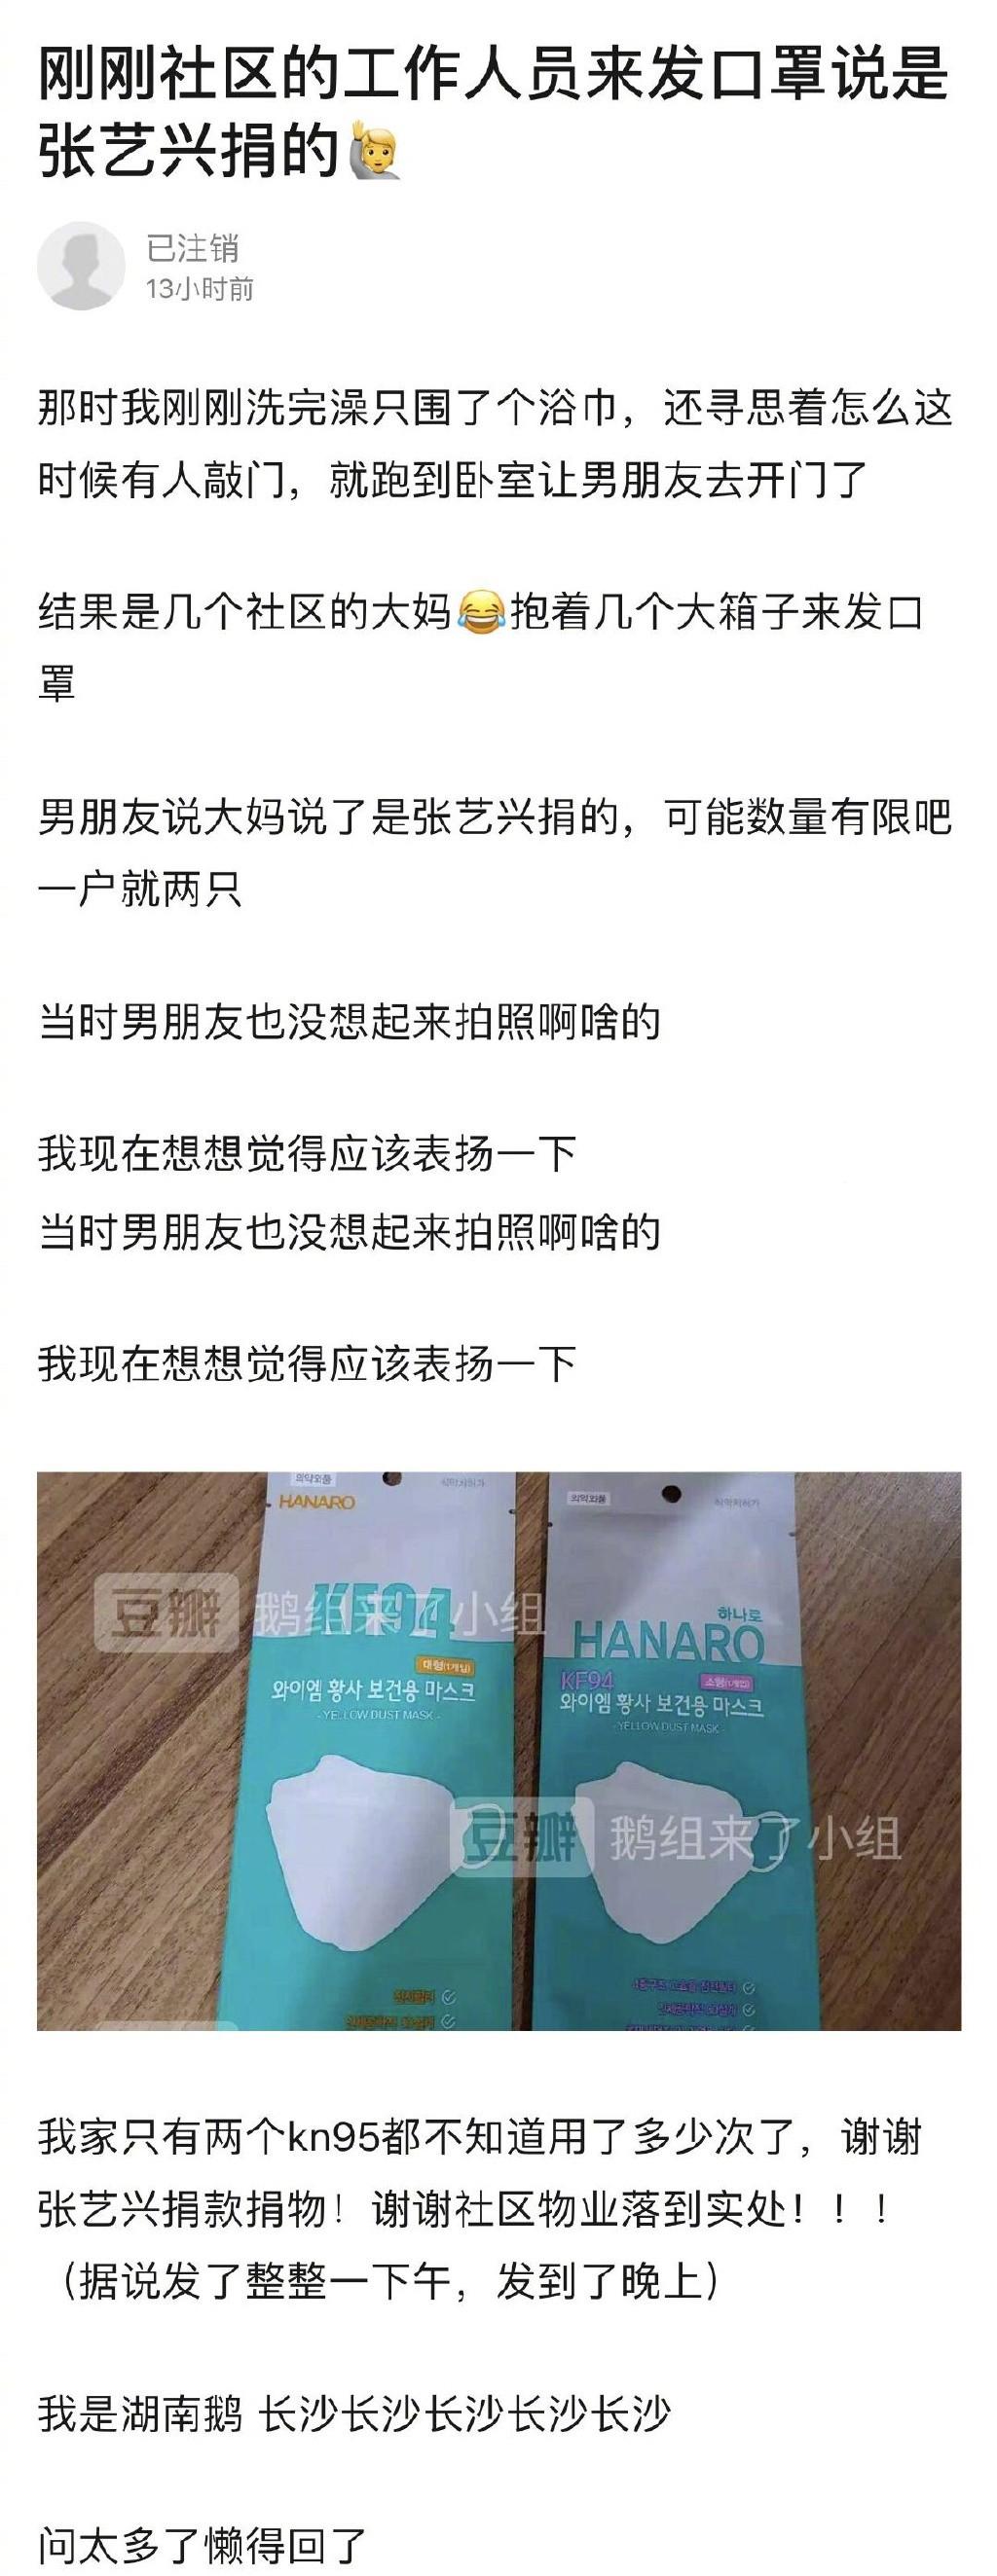 ▲網友上傳收到張藝興捐的口罩的認證照。(圖/翻攝自網易娛樂頻道微博)